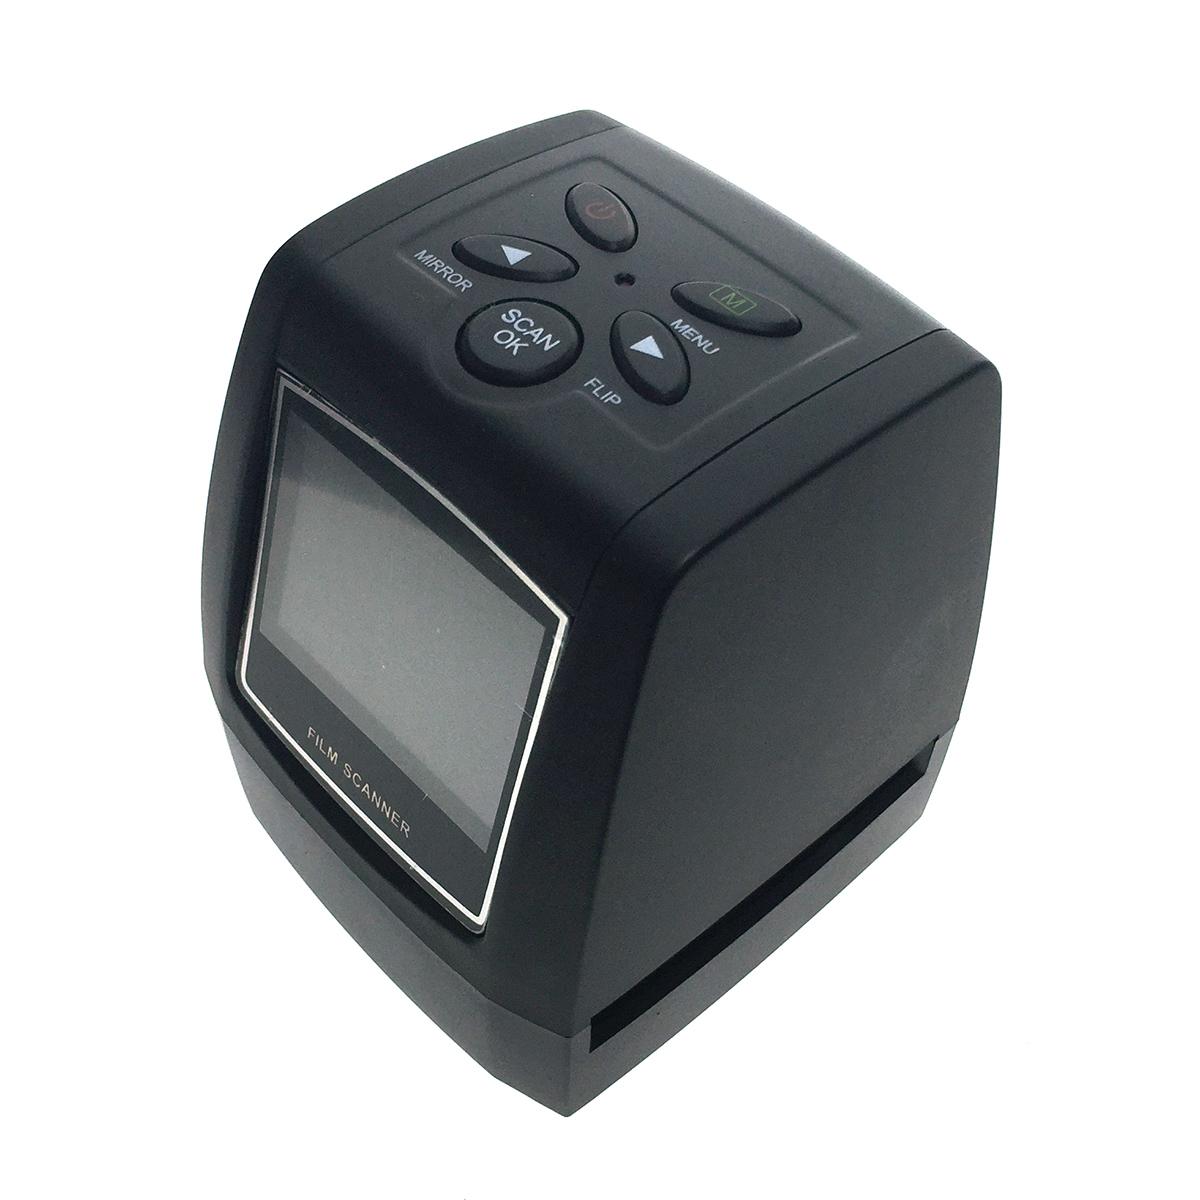 Слайд-сканер Espada FilmScanner EC718 с цветным LCD экраном - для пленок 35 мм и слайдов